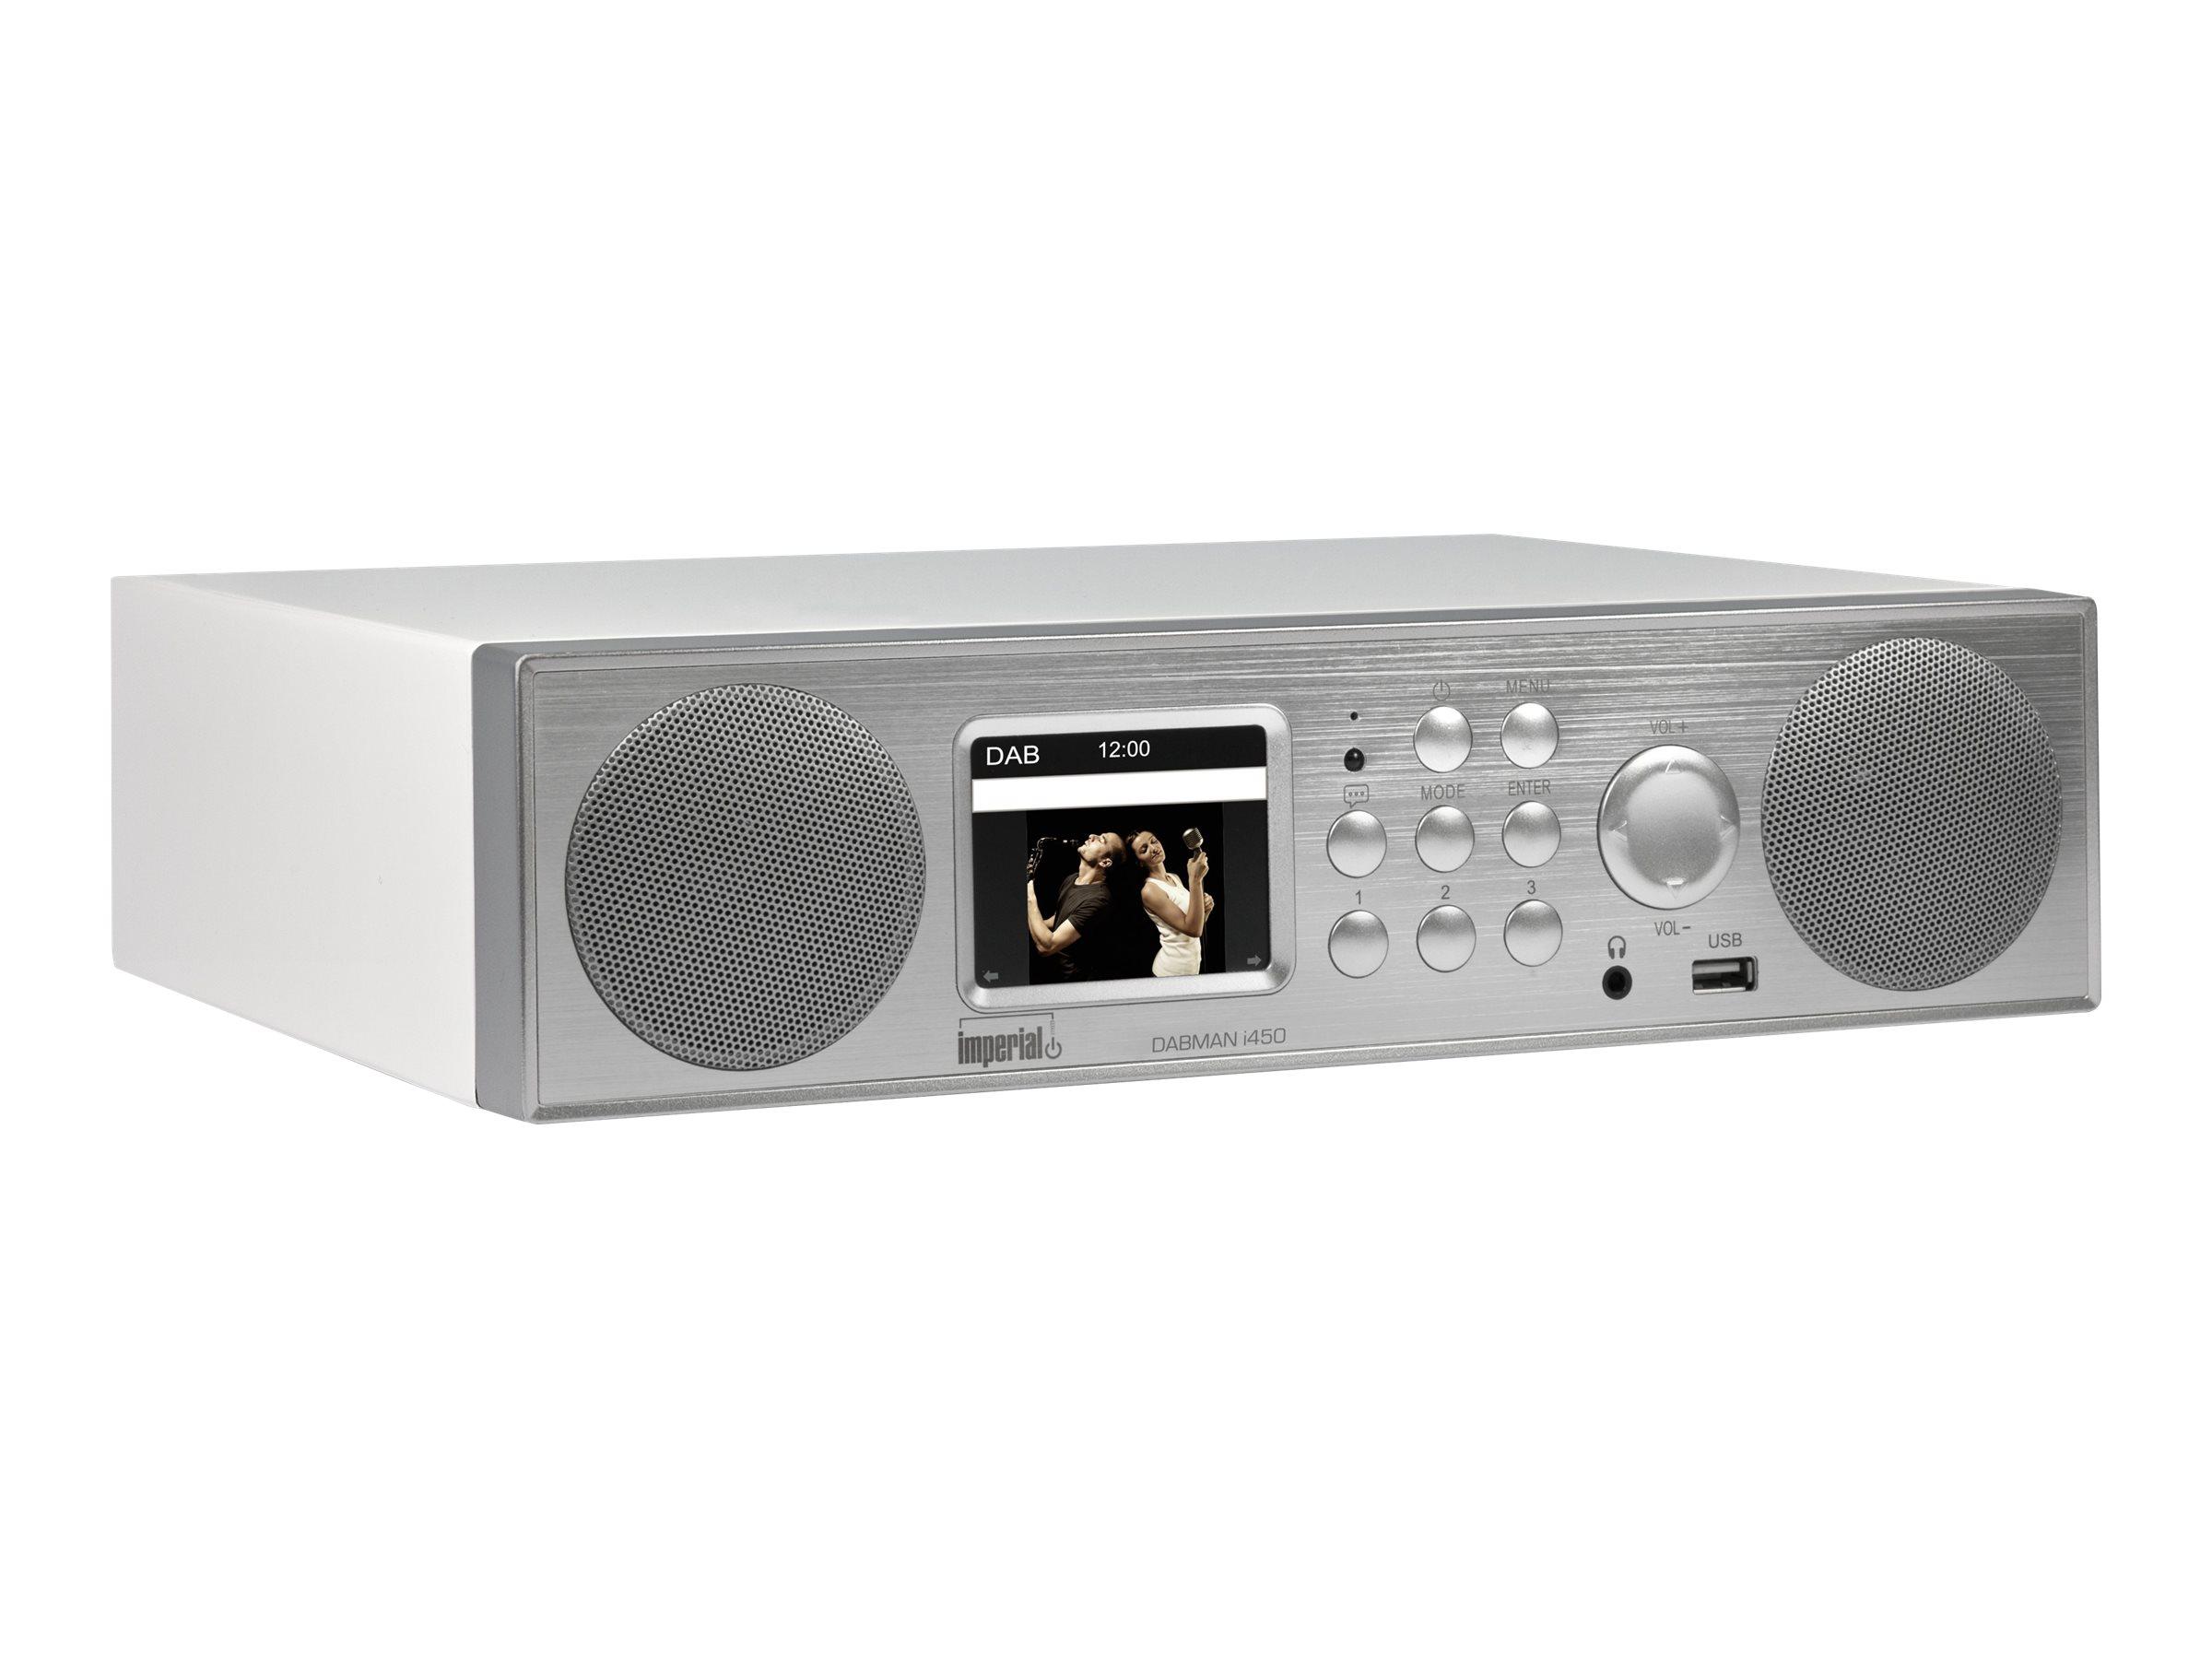 Telestar imperial DABMAN i450 - Netzwerk-Audio-Player